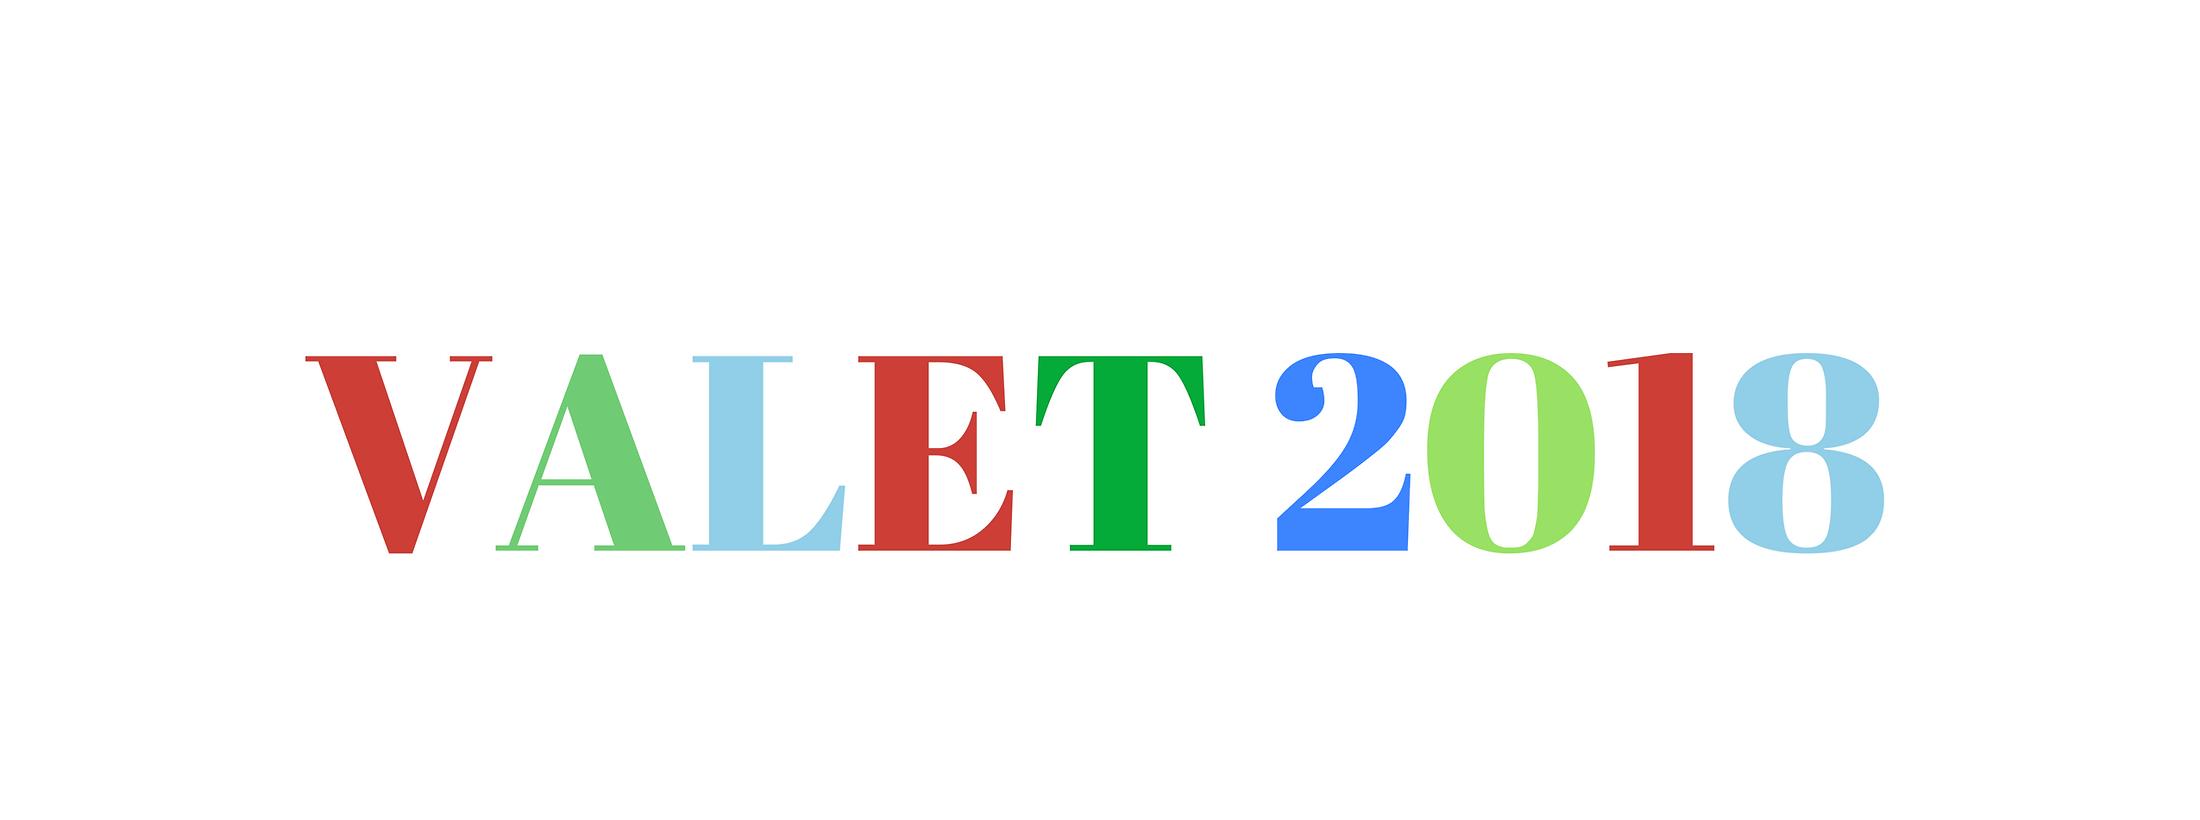 VALET - guide till rätt parti! ✭